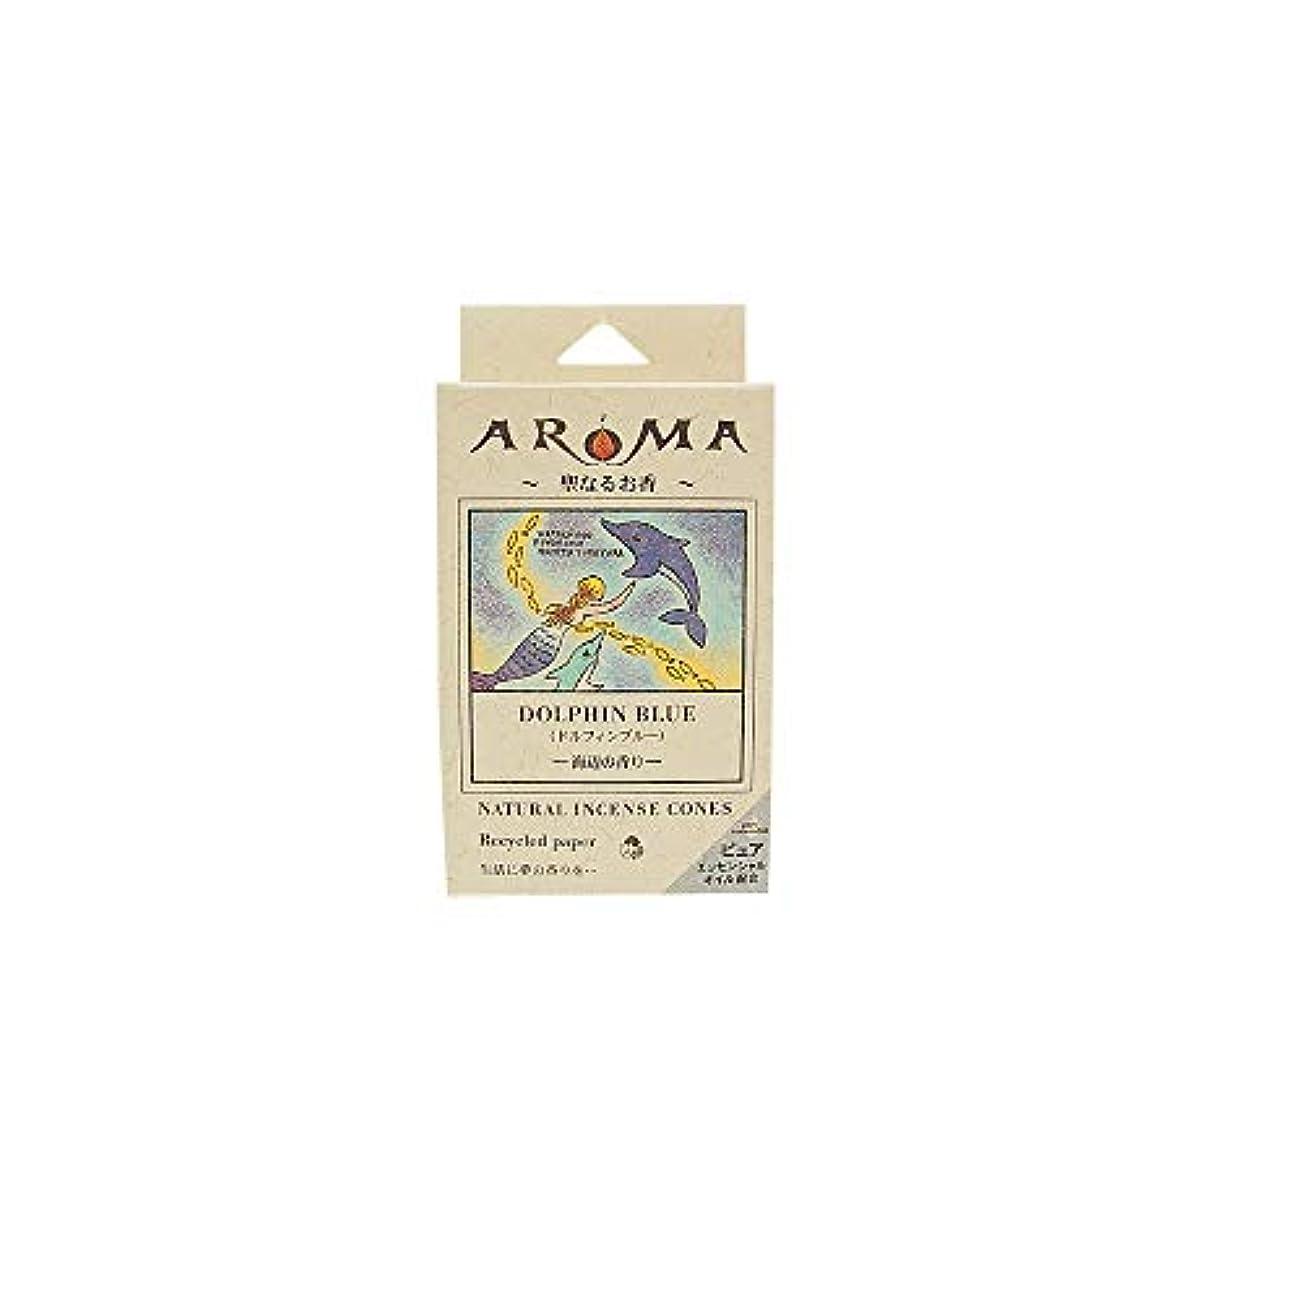 物足りない近く負荷アロマ香 ドルフィンブルー 16粒(コーンタイプインセンス 1粒の燃焼時間約20分 海辺の香り)